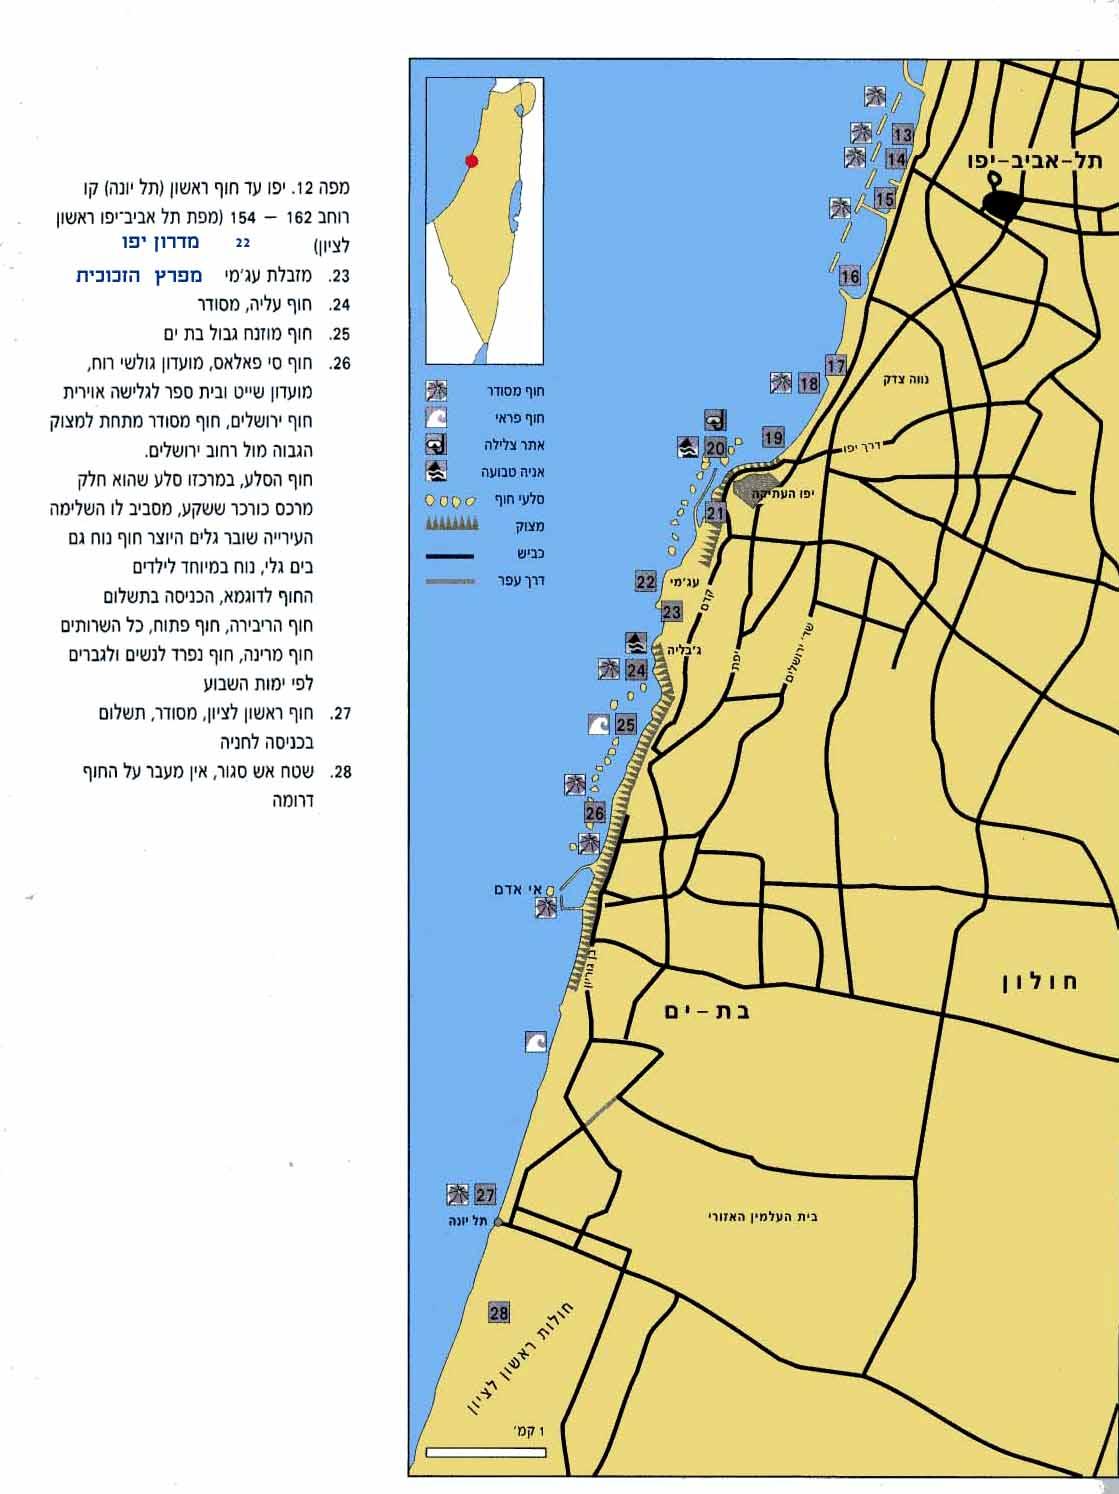 8. חופי הכרך תל אביב יפו